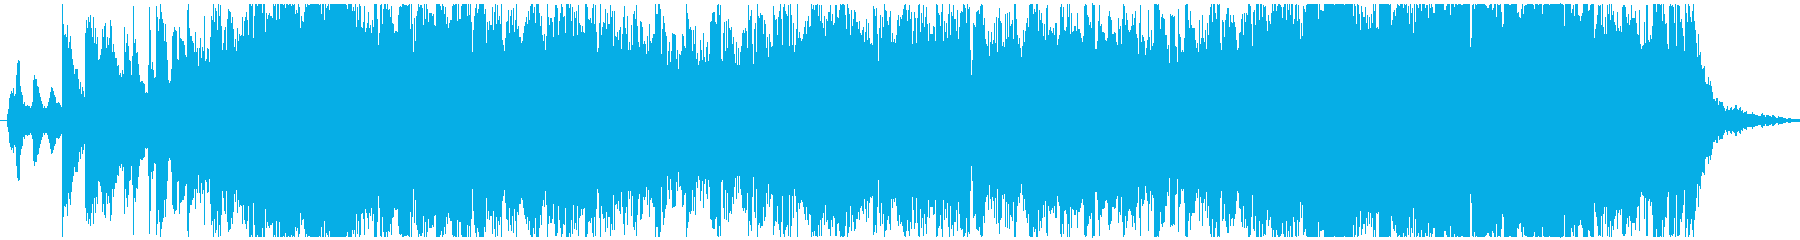 ダークで近未来を感じるメロディーの再生済みの波形